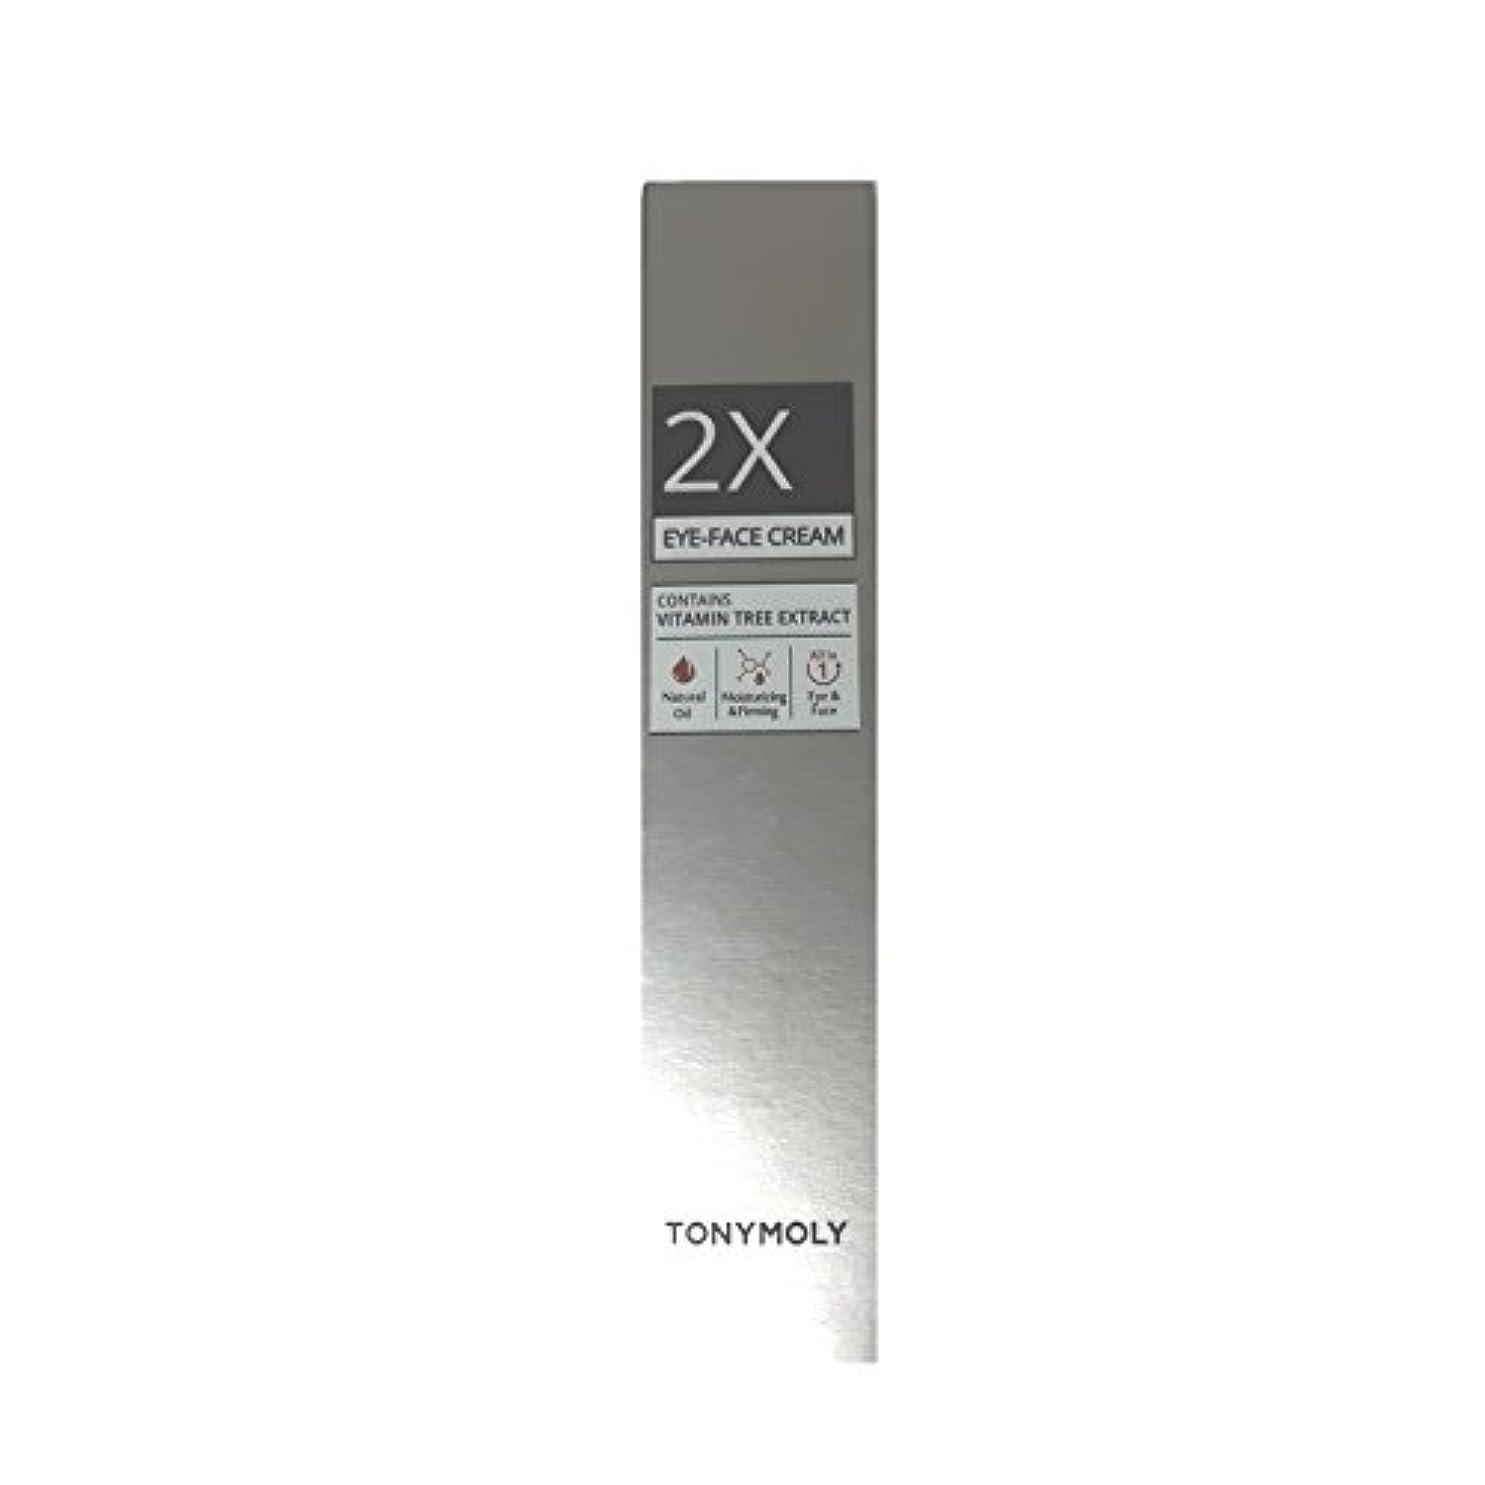 スプレー変形ペパーミント[トニモリ] TONYMOLY 2X アイフェースクリーム 30g [限定企画商品] [並行輸入品]